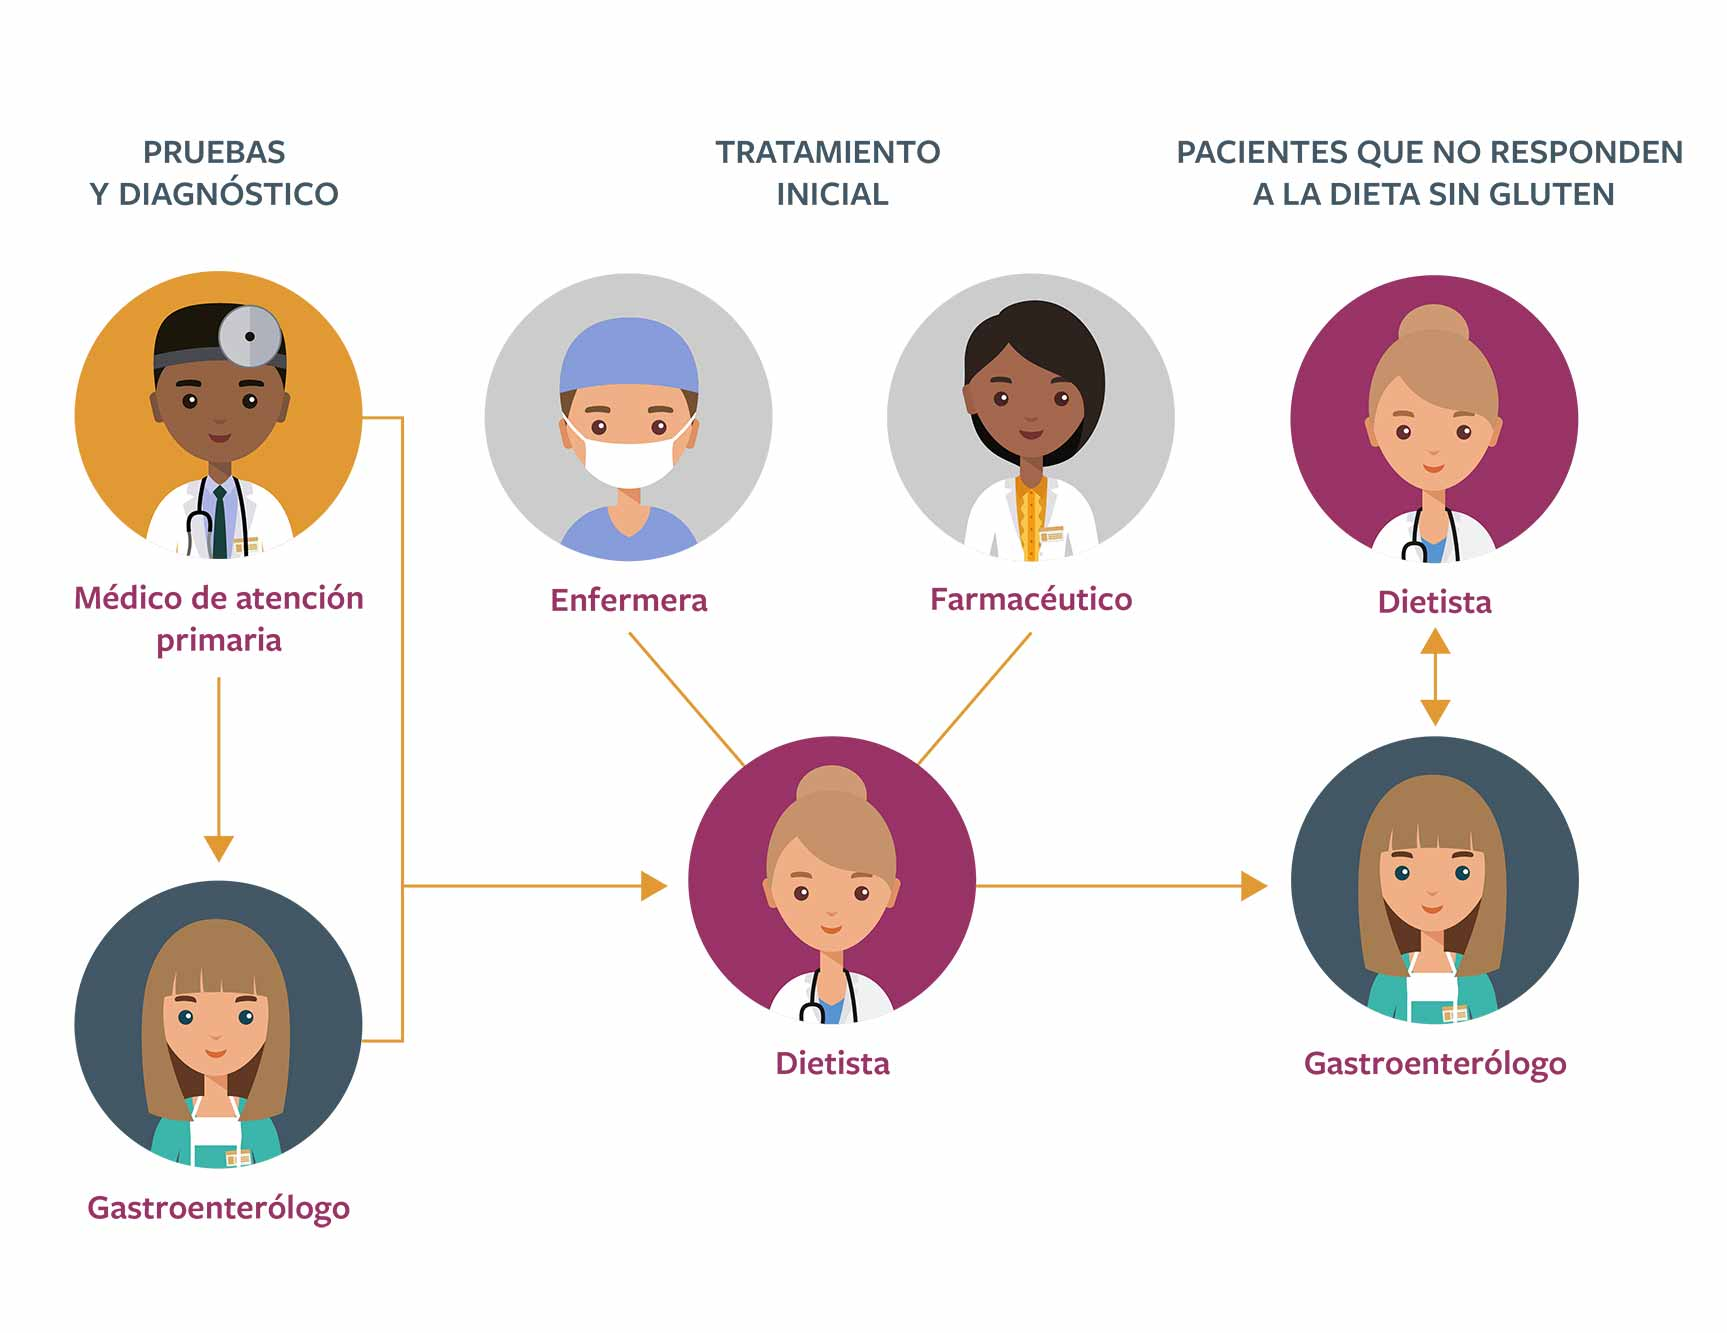 Diagrama de flujo del tratamiento de la EC por parte de los profesionales sanitarios